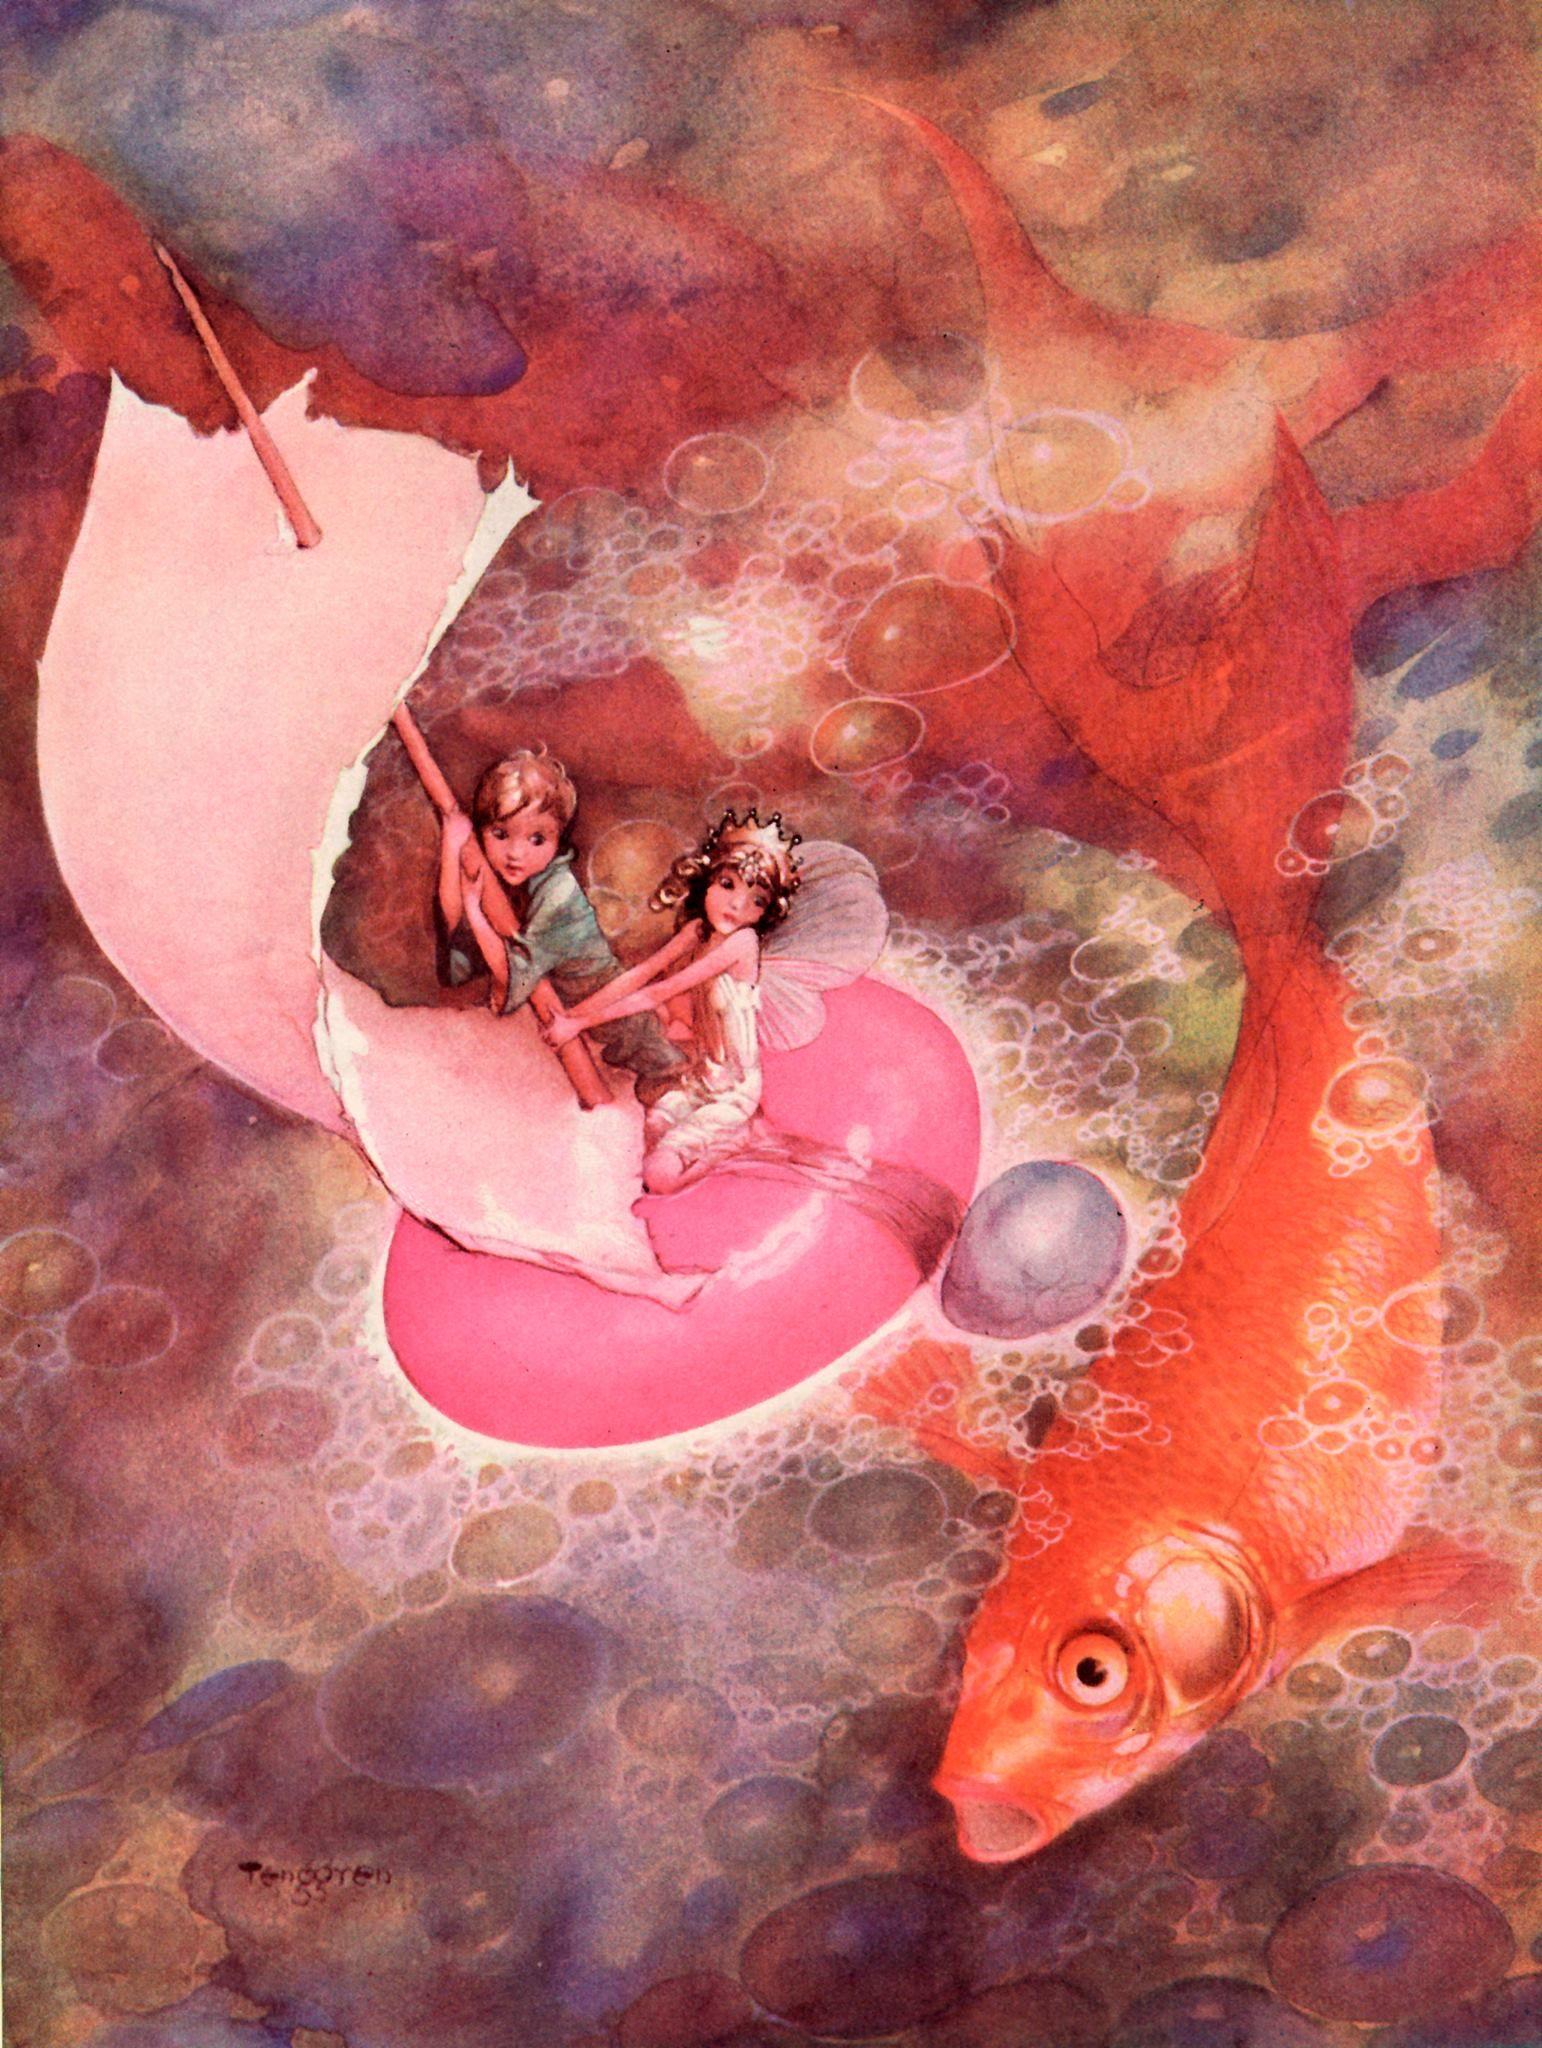 Charles Vess - lovely water | Book Art: Children | Pinterest ...